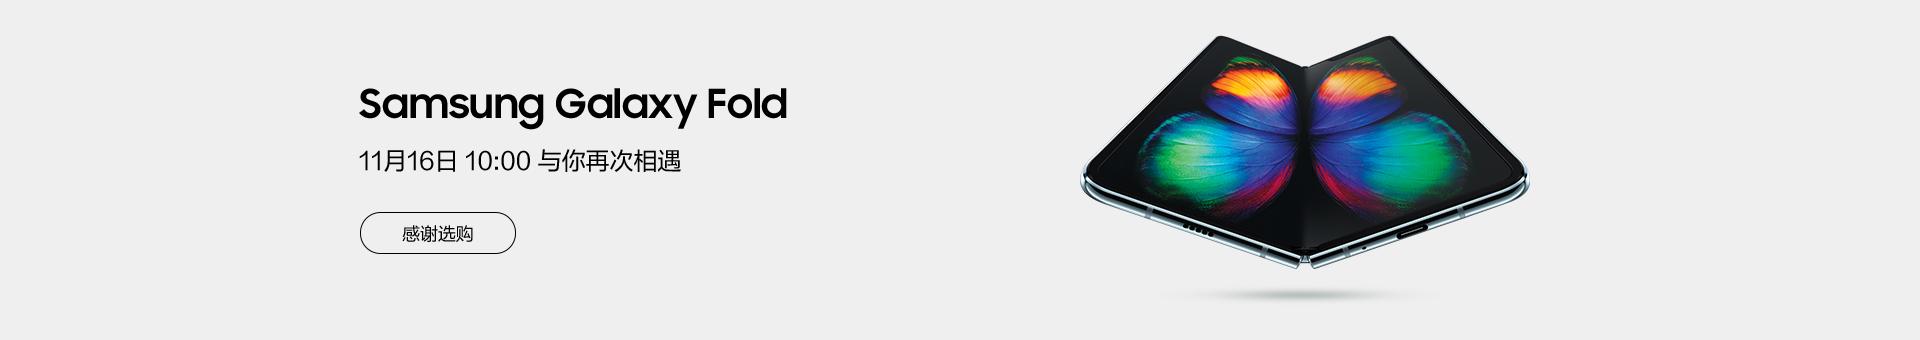 稀缺臻品Samsung Galaxy Fold即刻拥有